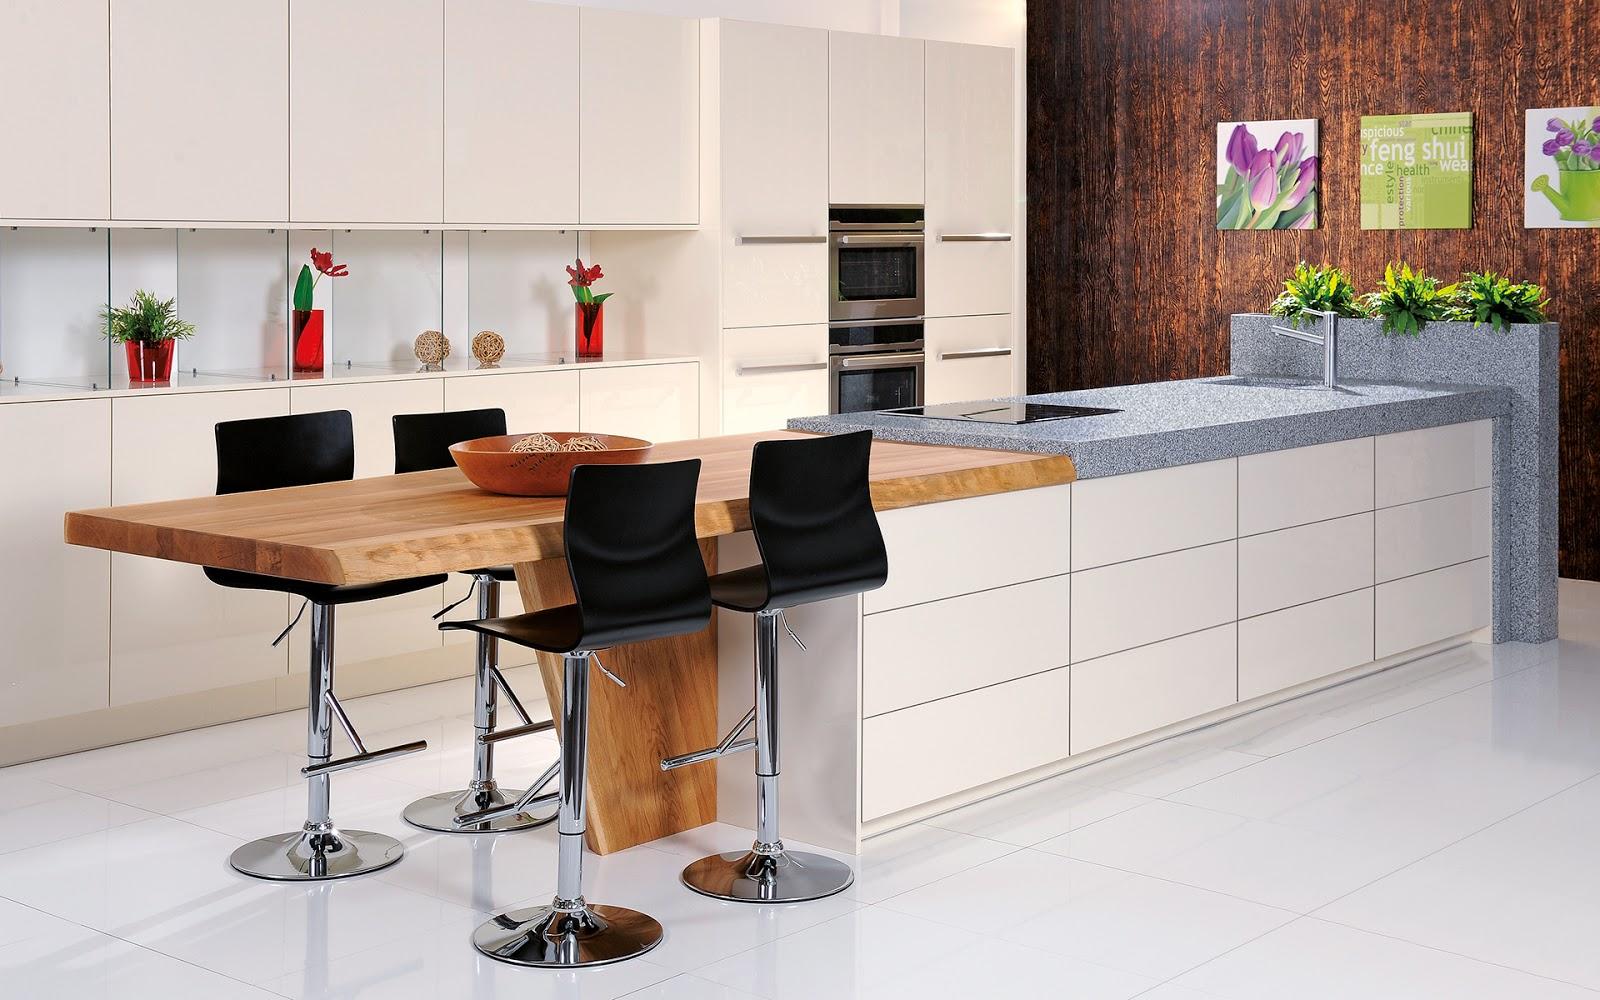 30 ideas de mesas y barras para comer en la cocina for Mesa barra cocina